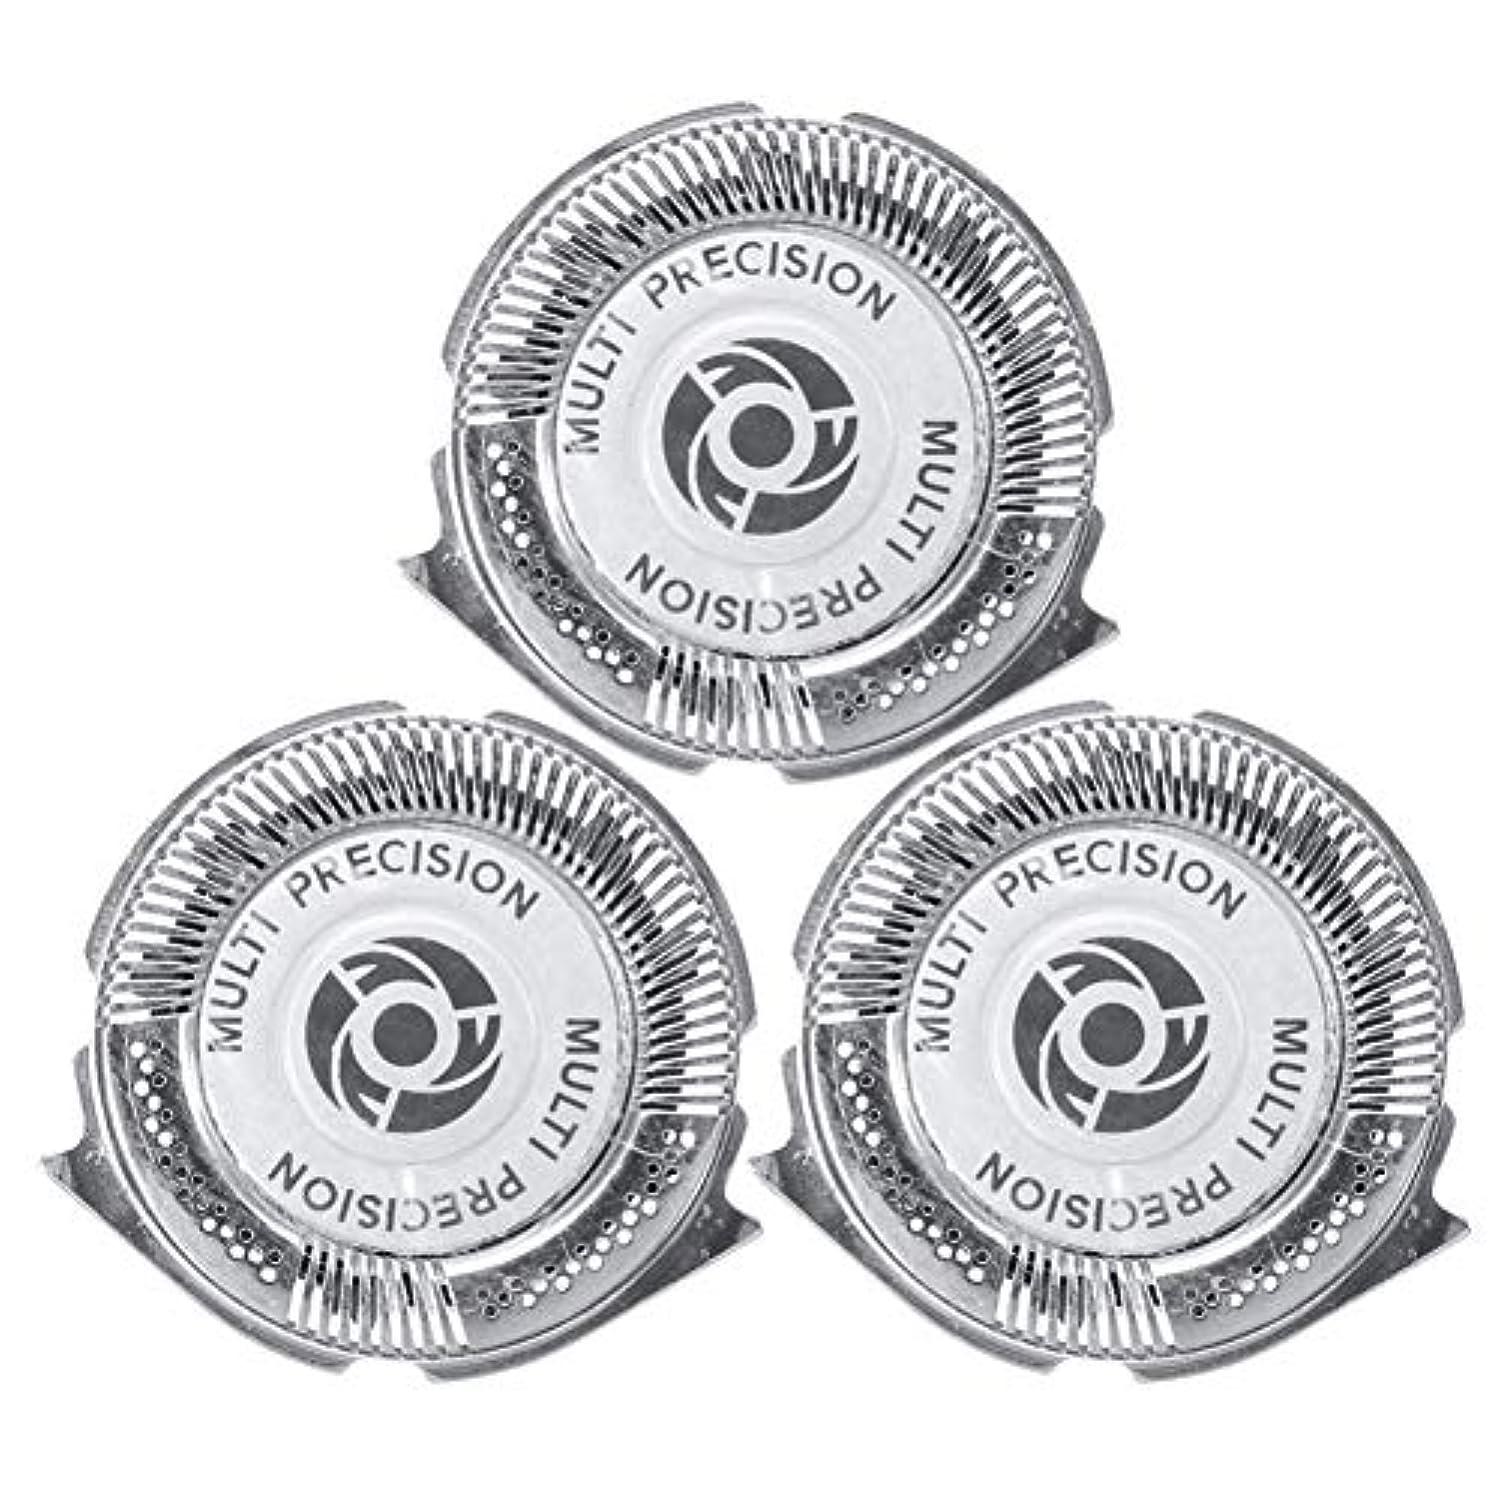 引き算お誕生日芸術的3個 シェーバー 替刃 シェーバー ヘッド フィリップス用 Series 5000 Shaver SH50/51/52 HQ8 ダブルブレード